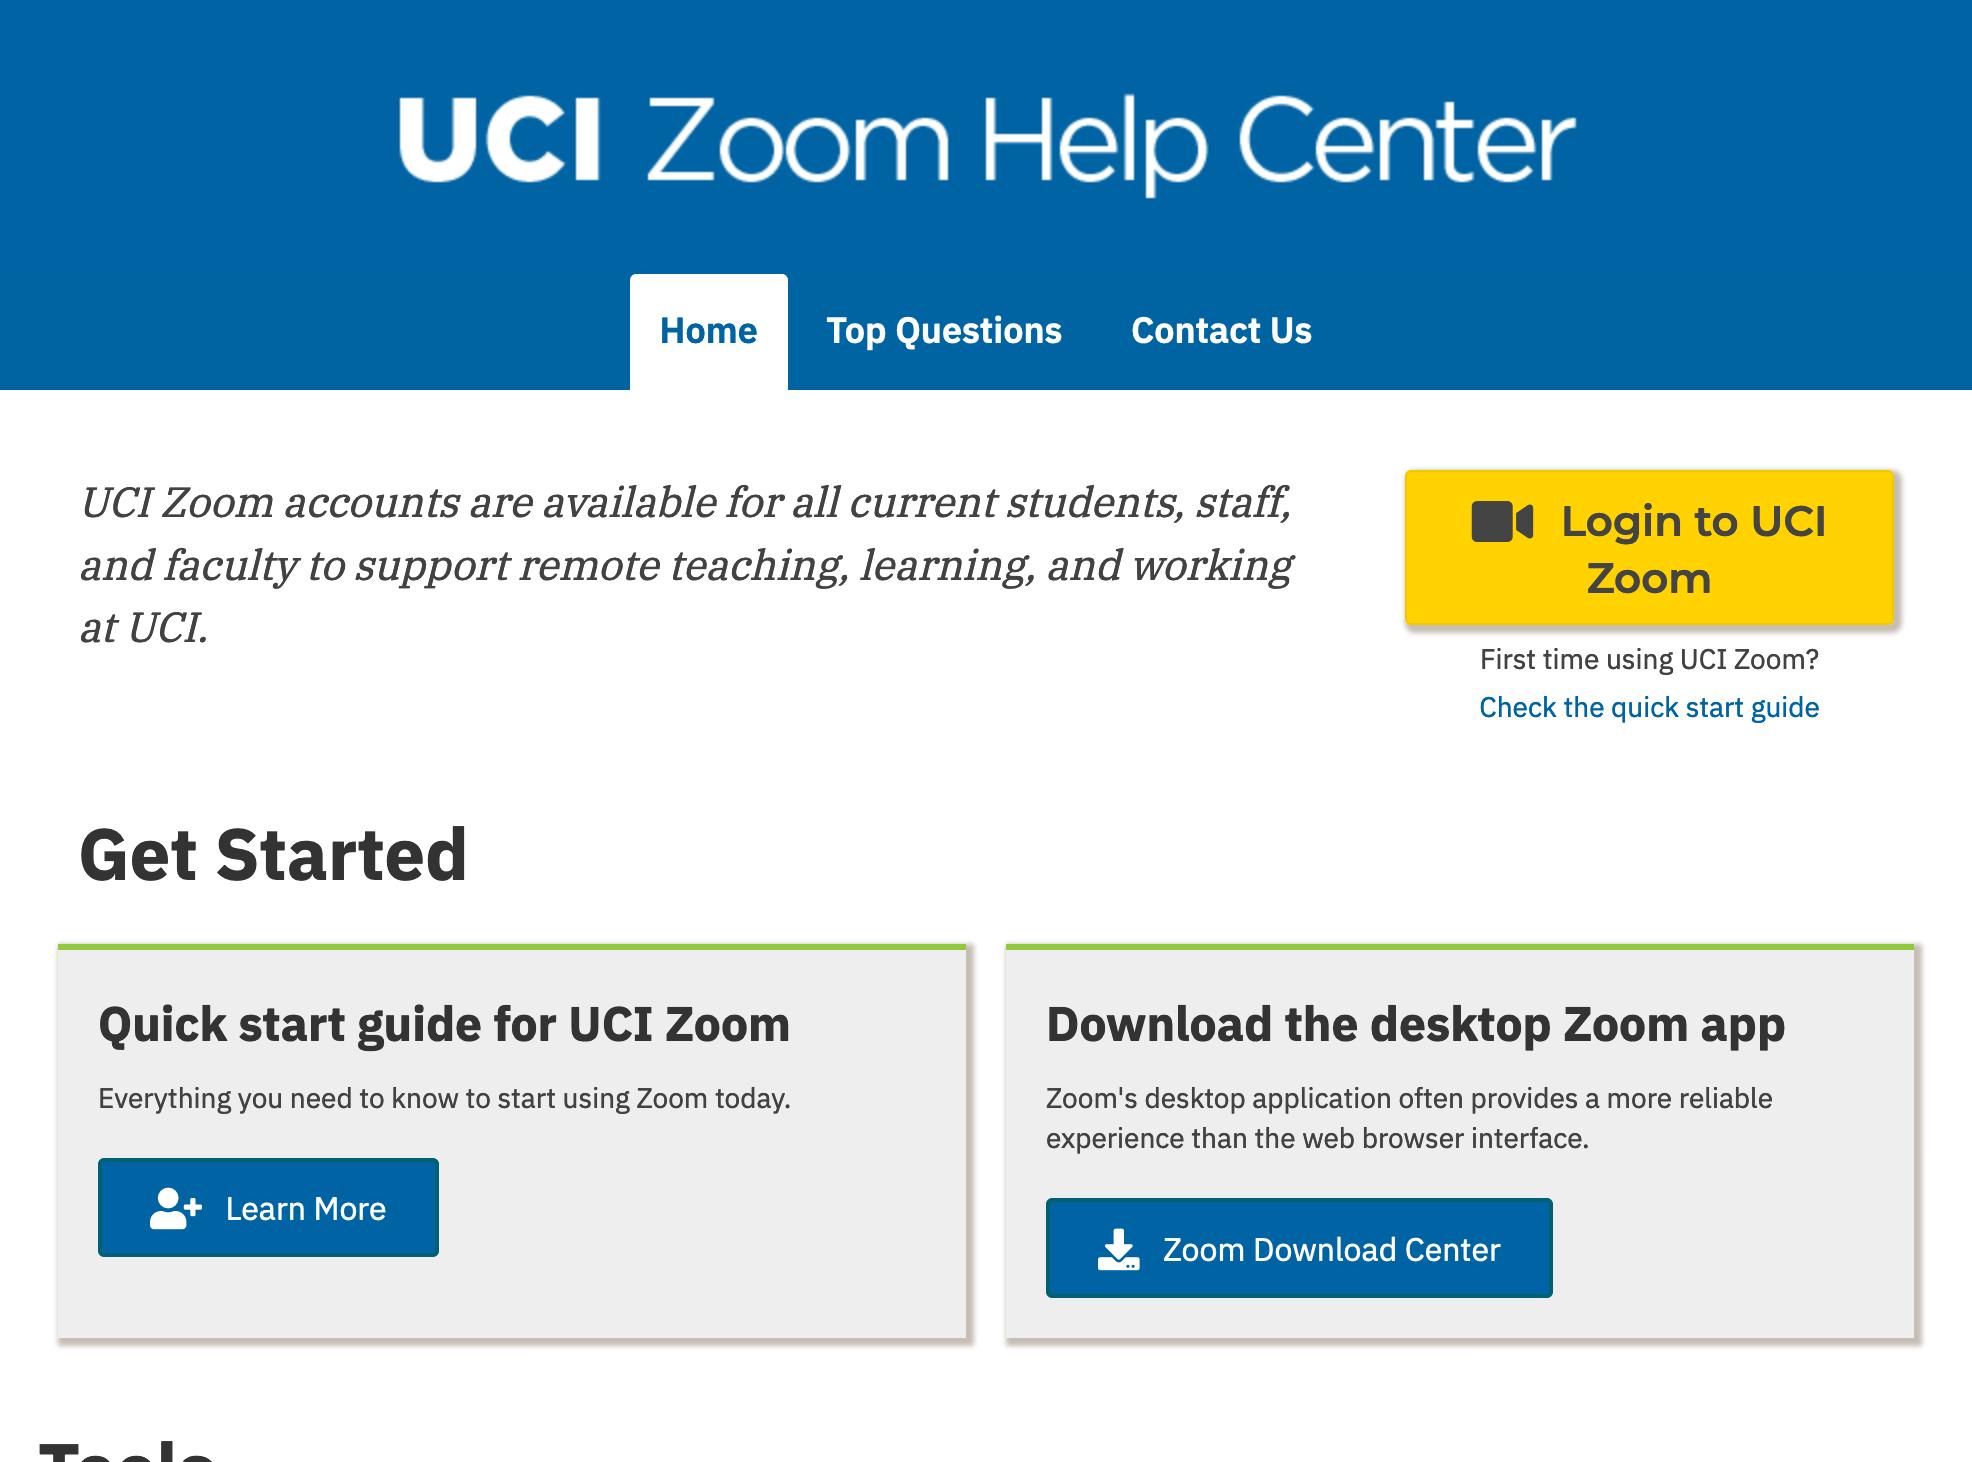 Zoom Help Center